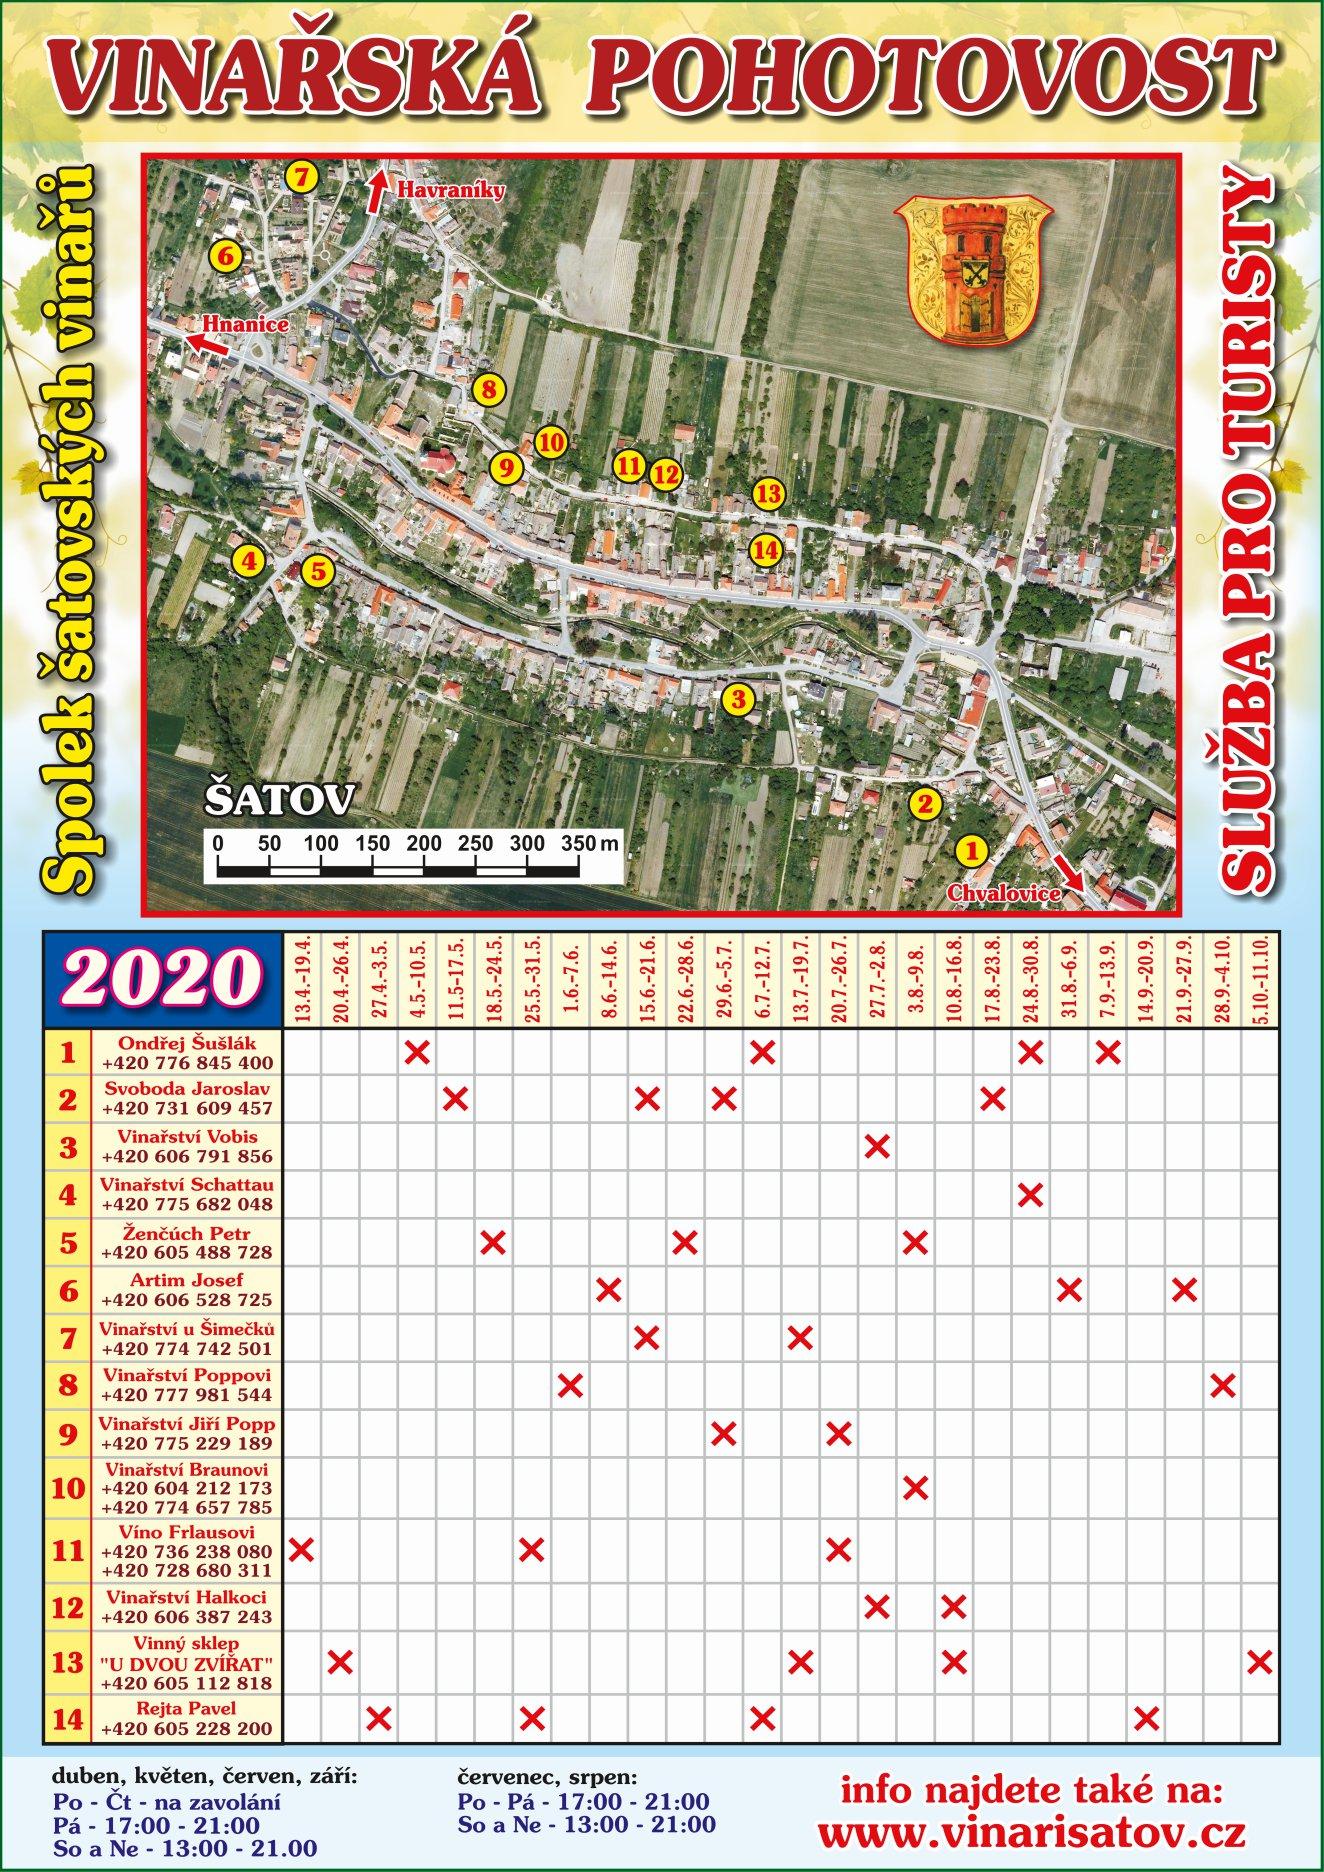 Vinařská pohotovost v Šatově 2020